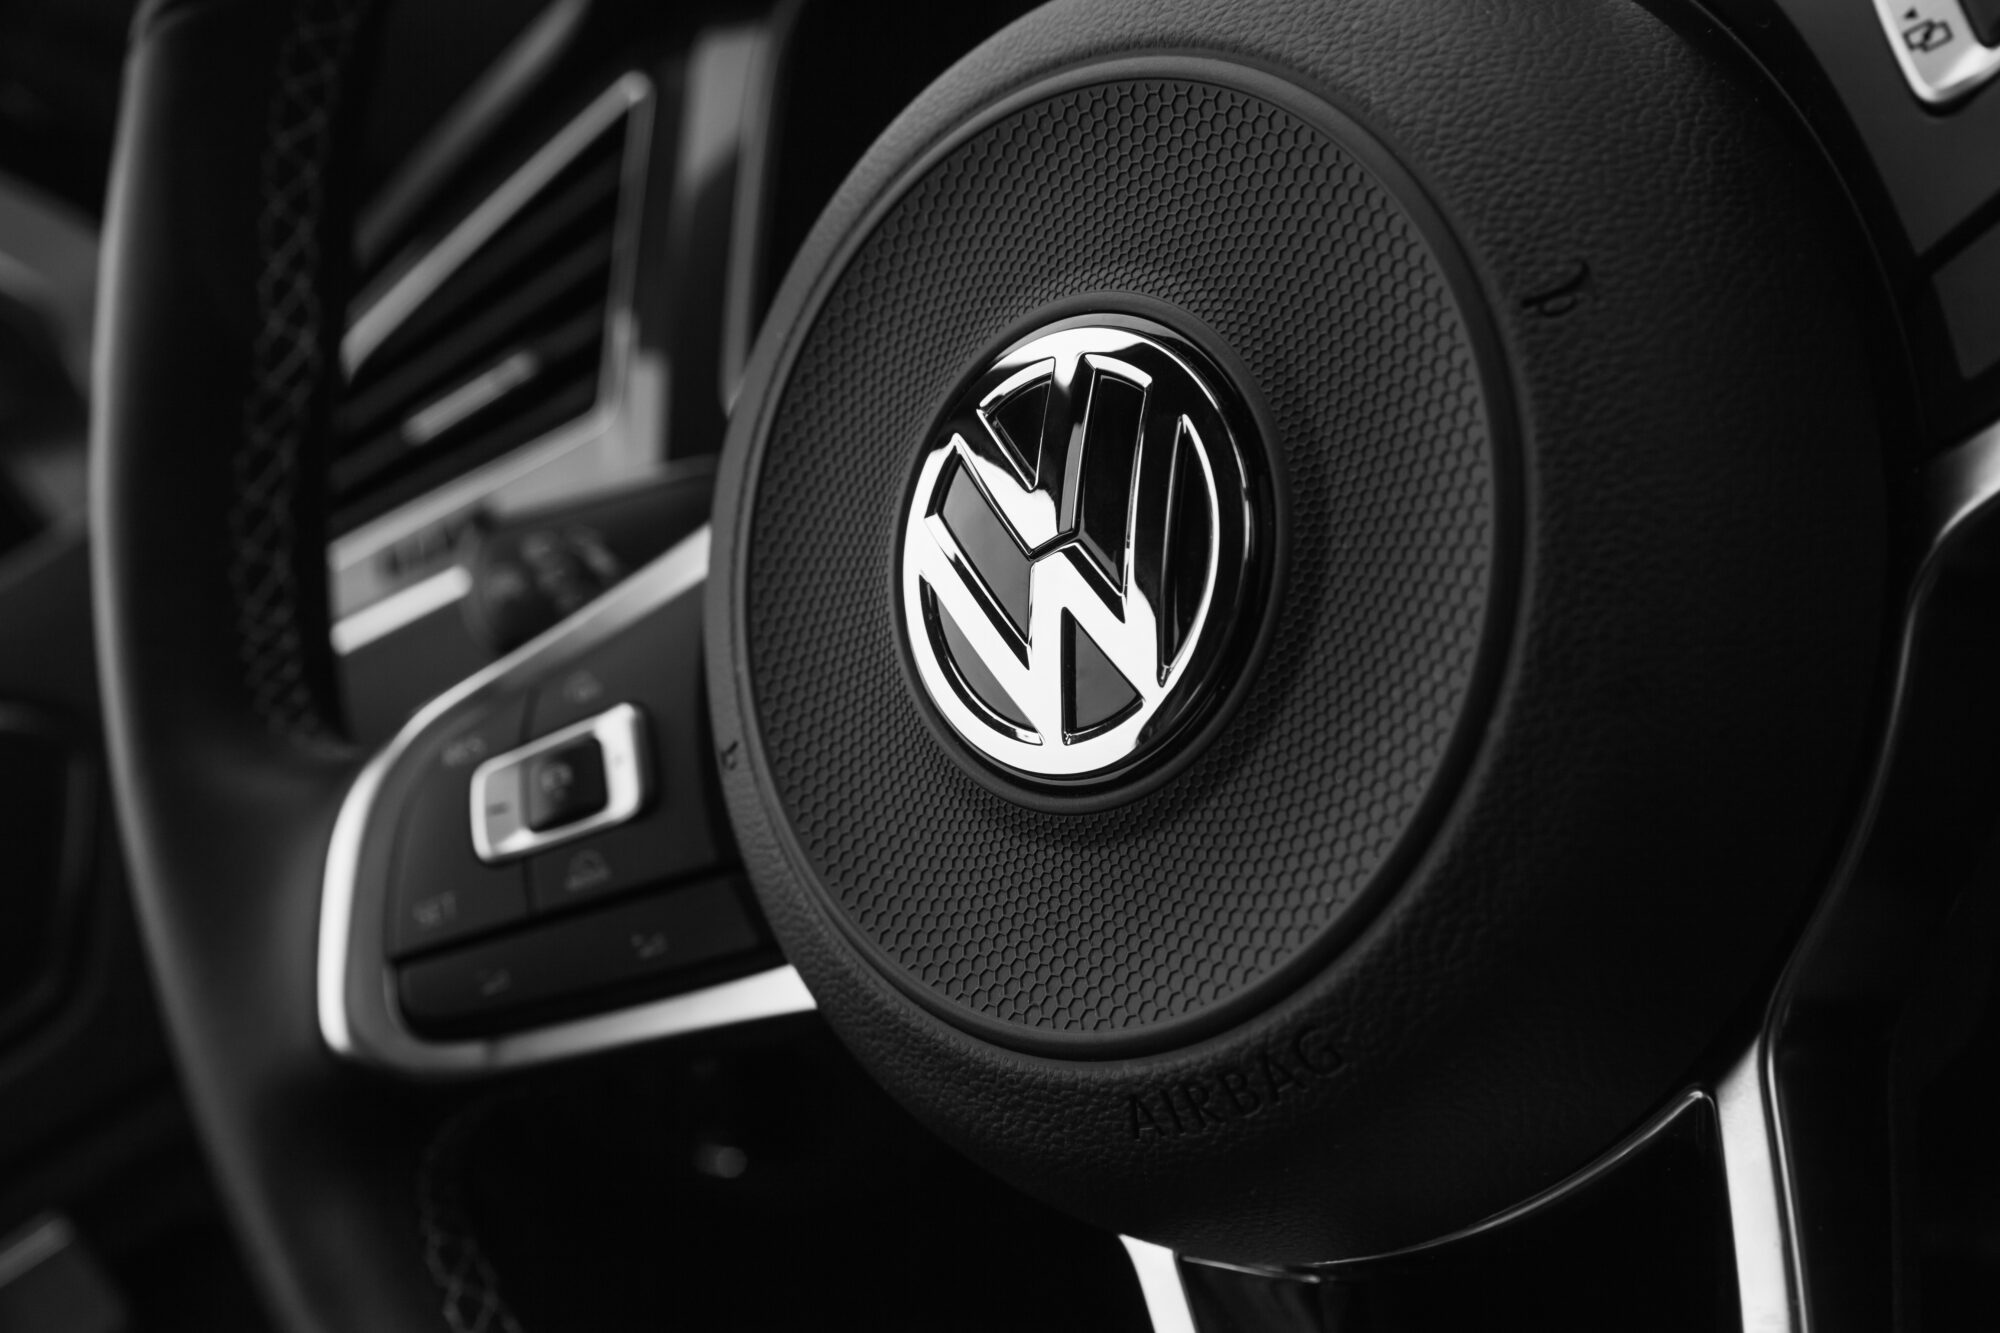 23,4 procent minder nieuwe auto's geregistreerd in maart